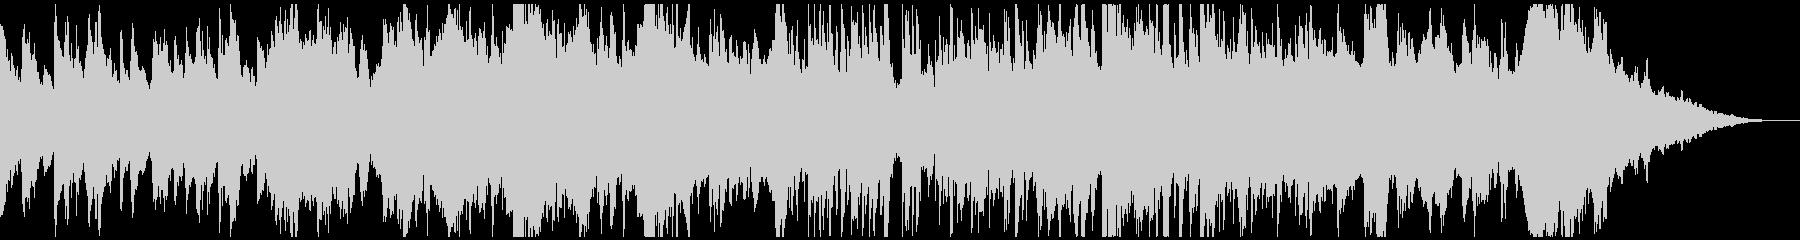 生演奏チェロとハープのロマンチックワルツの未再生の波形